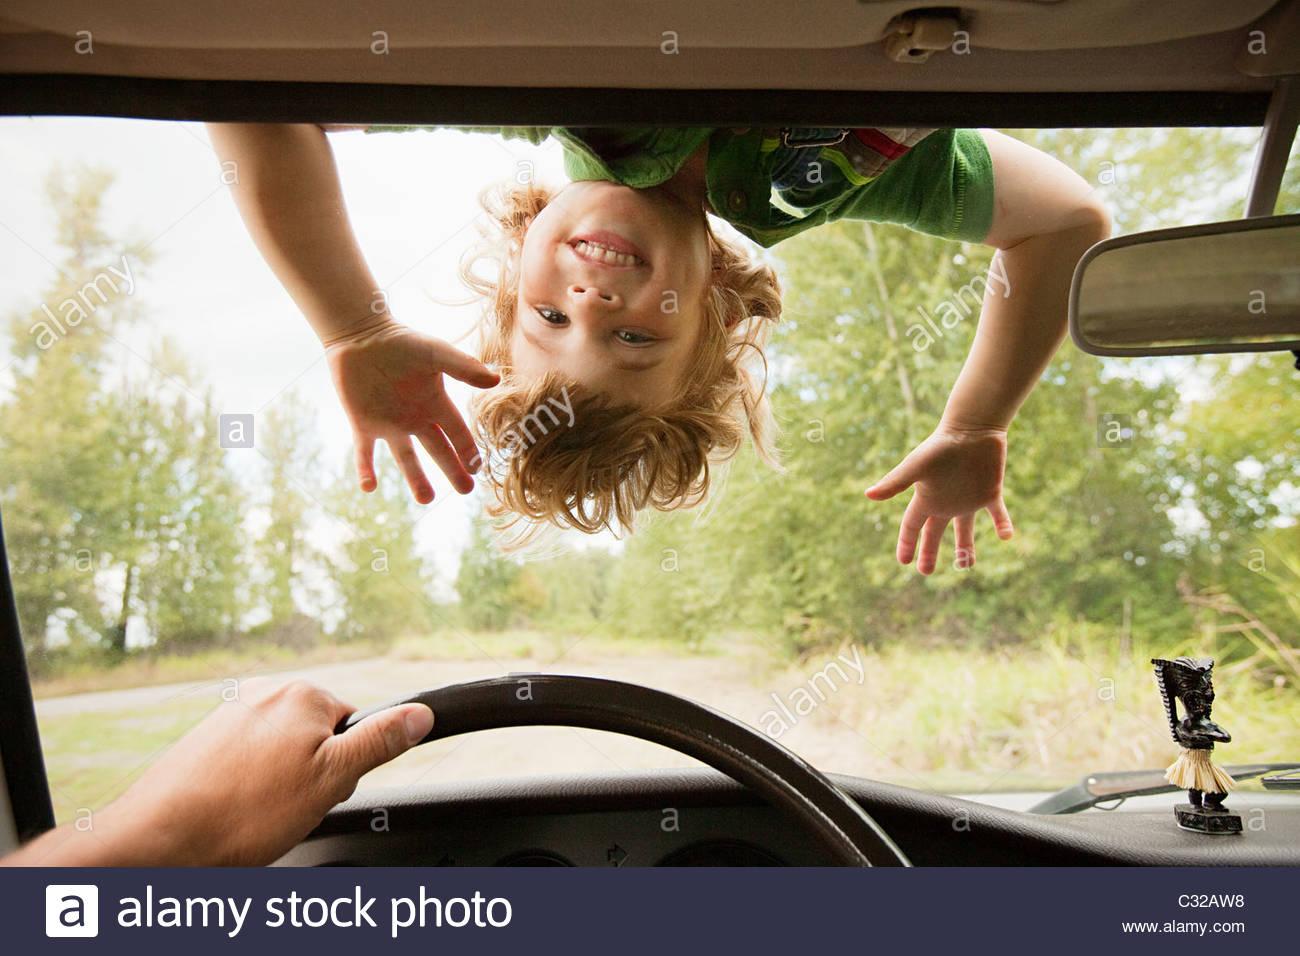 Boy upside down on car windscreen - Stock Image